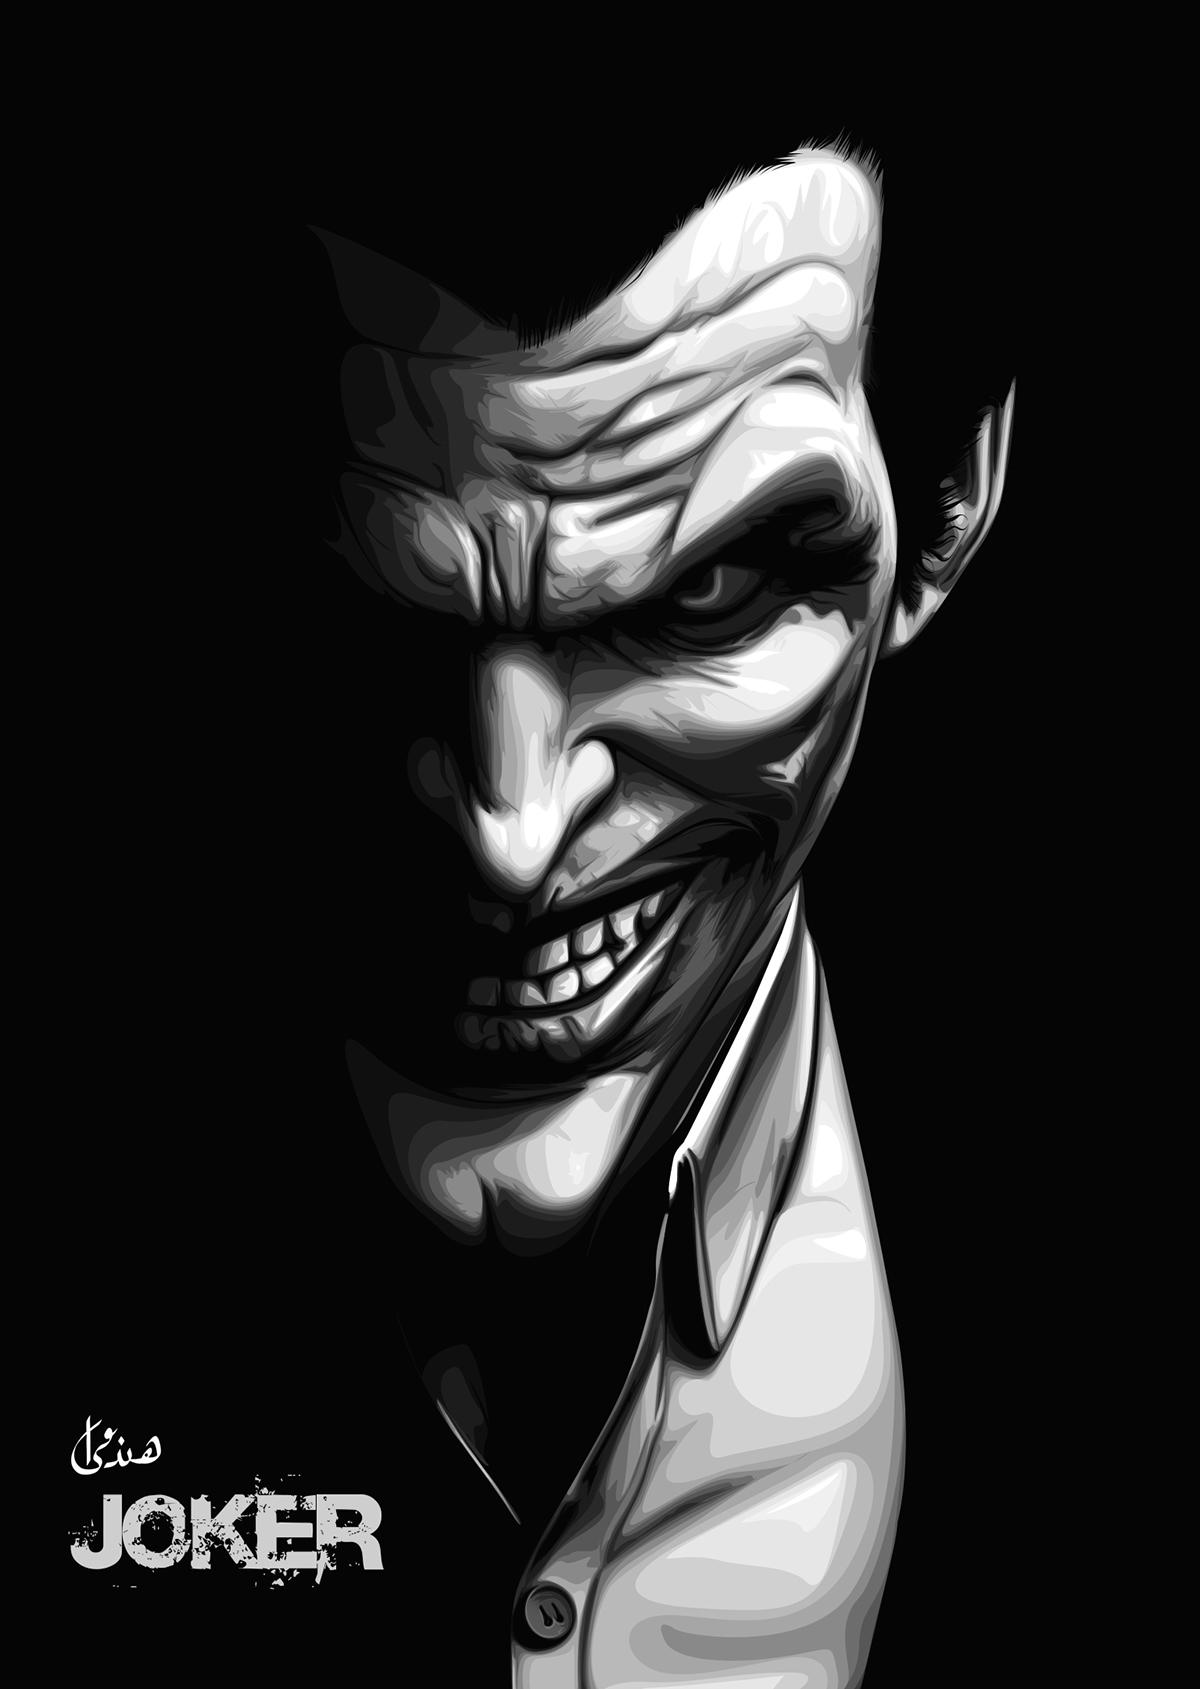 1200x1689 El Joker Vector Art On Behance